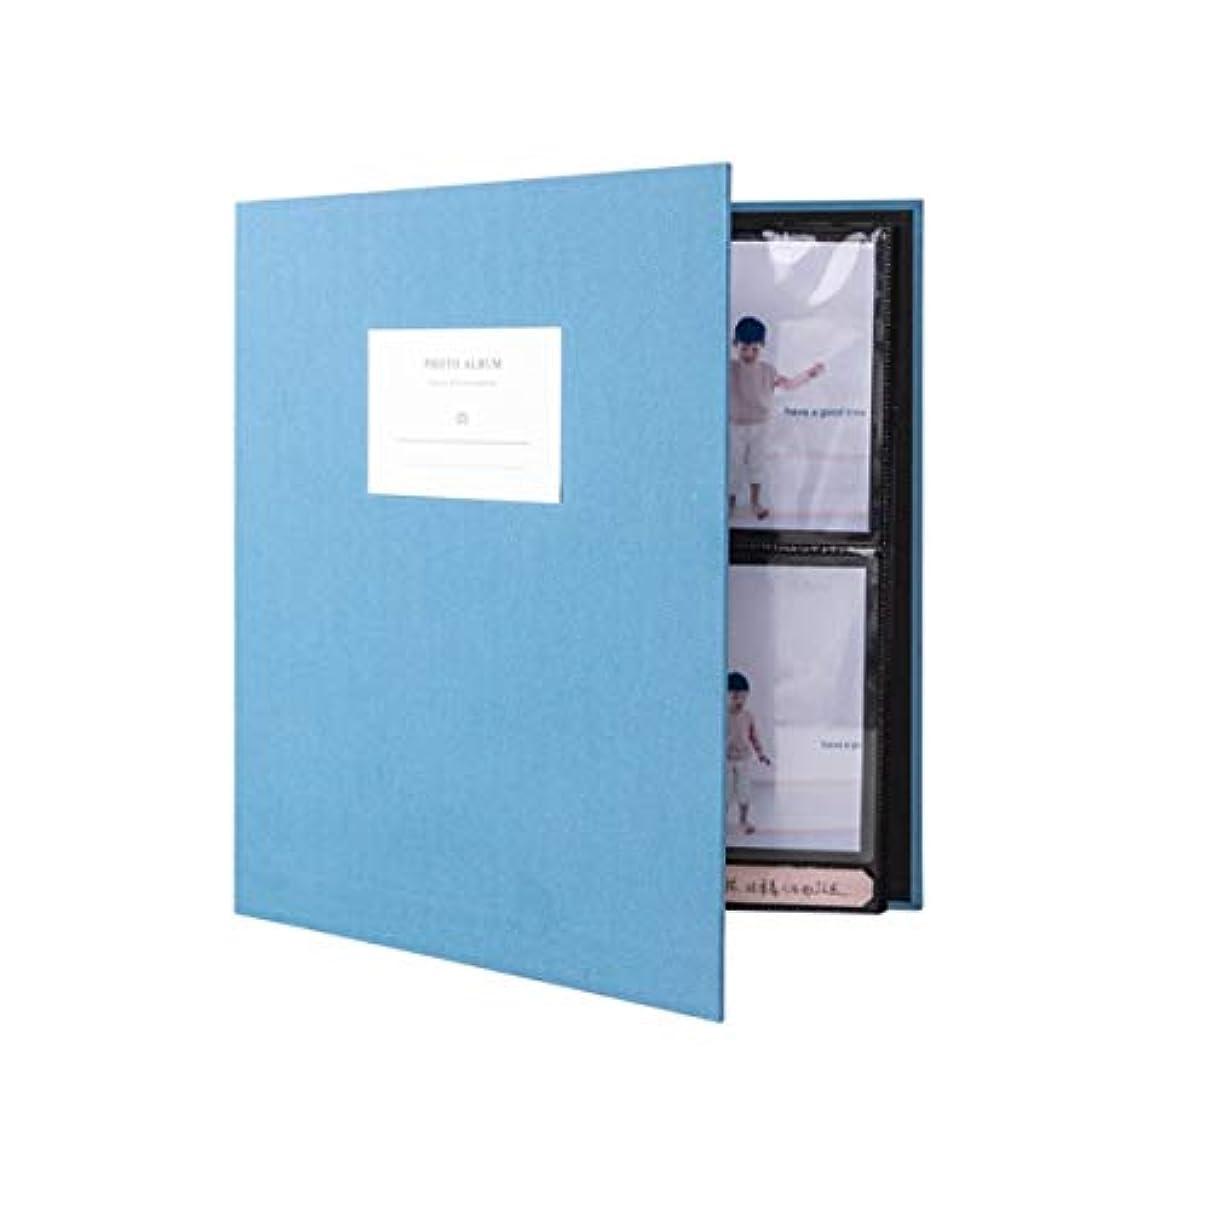 岸発表香水ZYZRYP ファミリーフォトアルバム、間質マーキングアルバム320 5インチの旅行アルバム (Color : Blue, Size : 35*37.3*6.2cm)